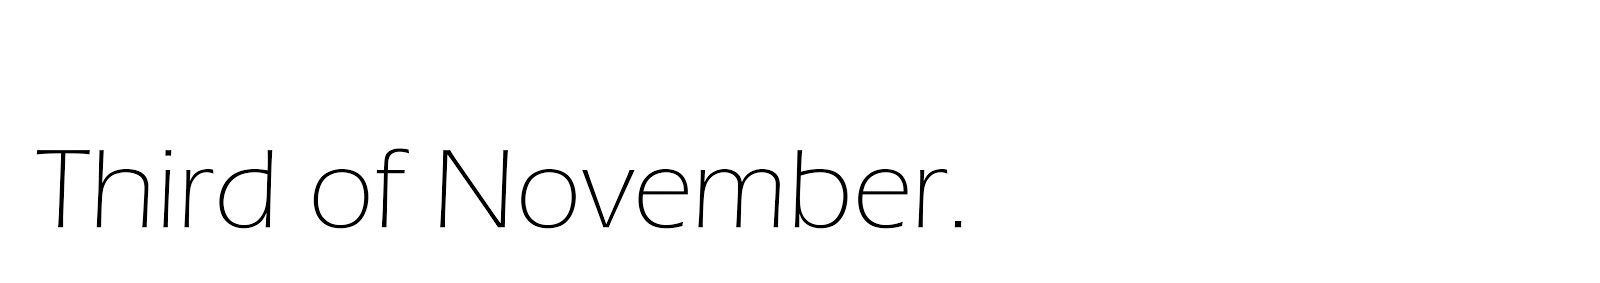 Third of November